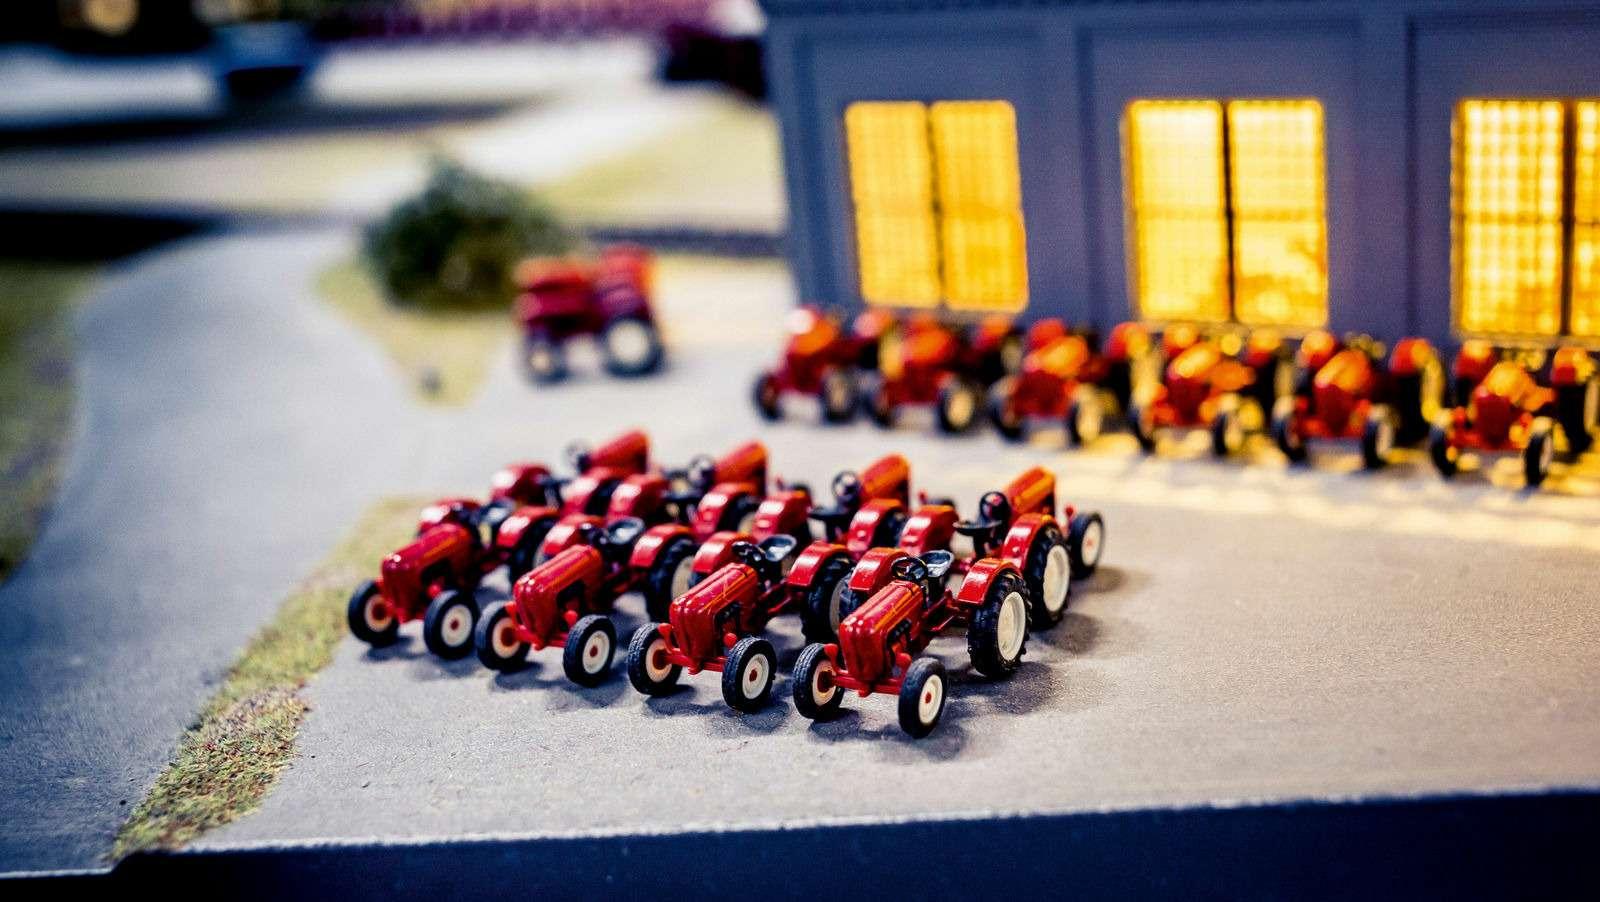 Внук Фердинанда Порше показал свою коллекцию игрушек— фото 831040